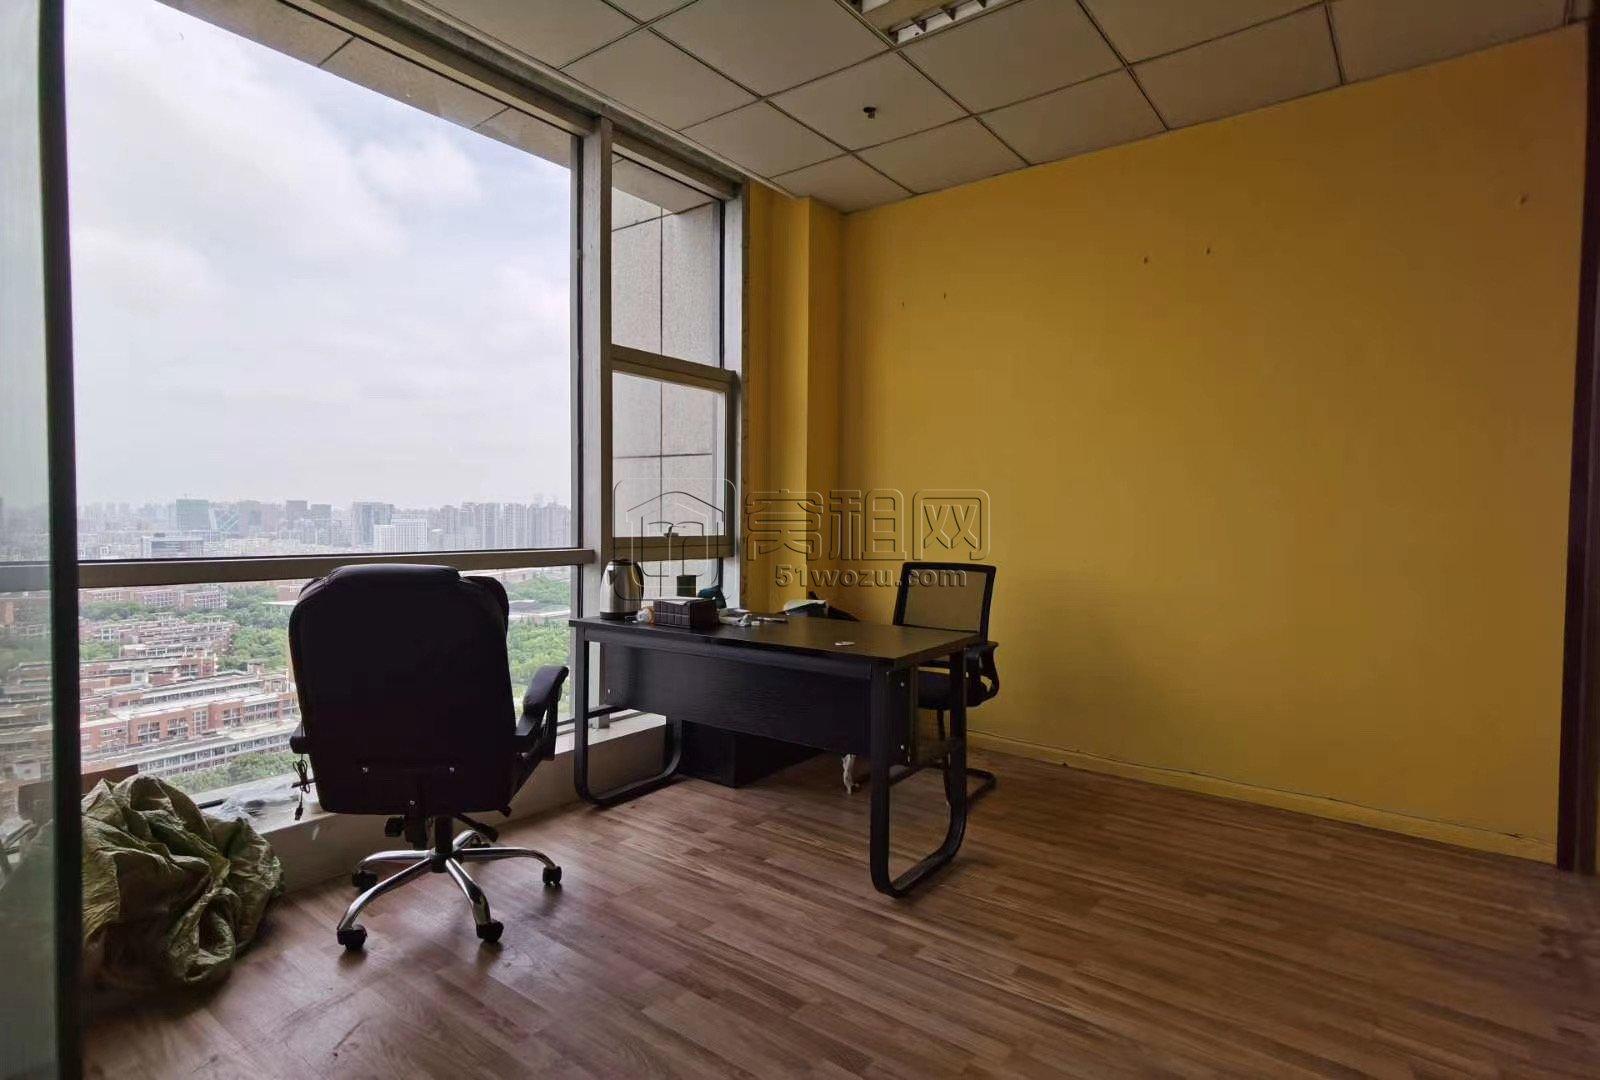 南部商务区附近联安文体大厦97平米出租1.5元含税办公室